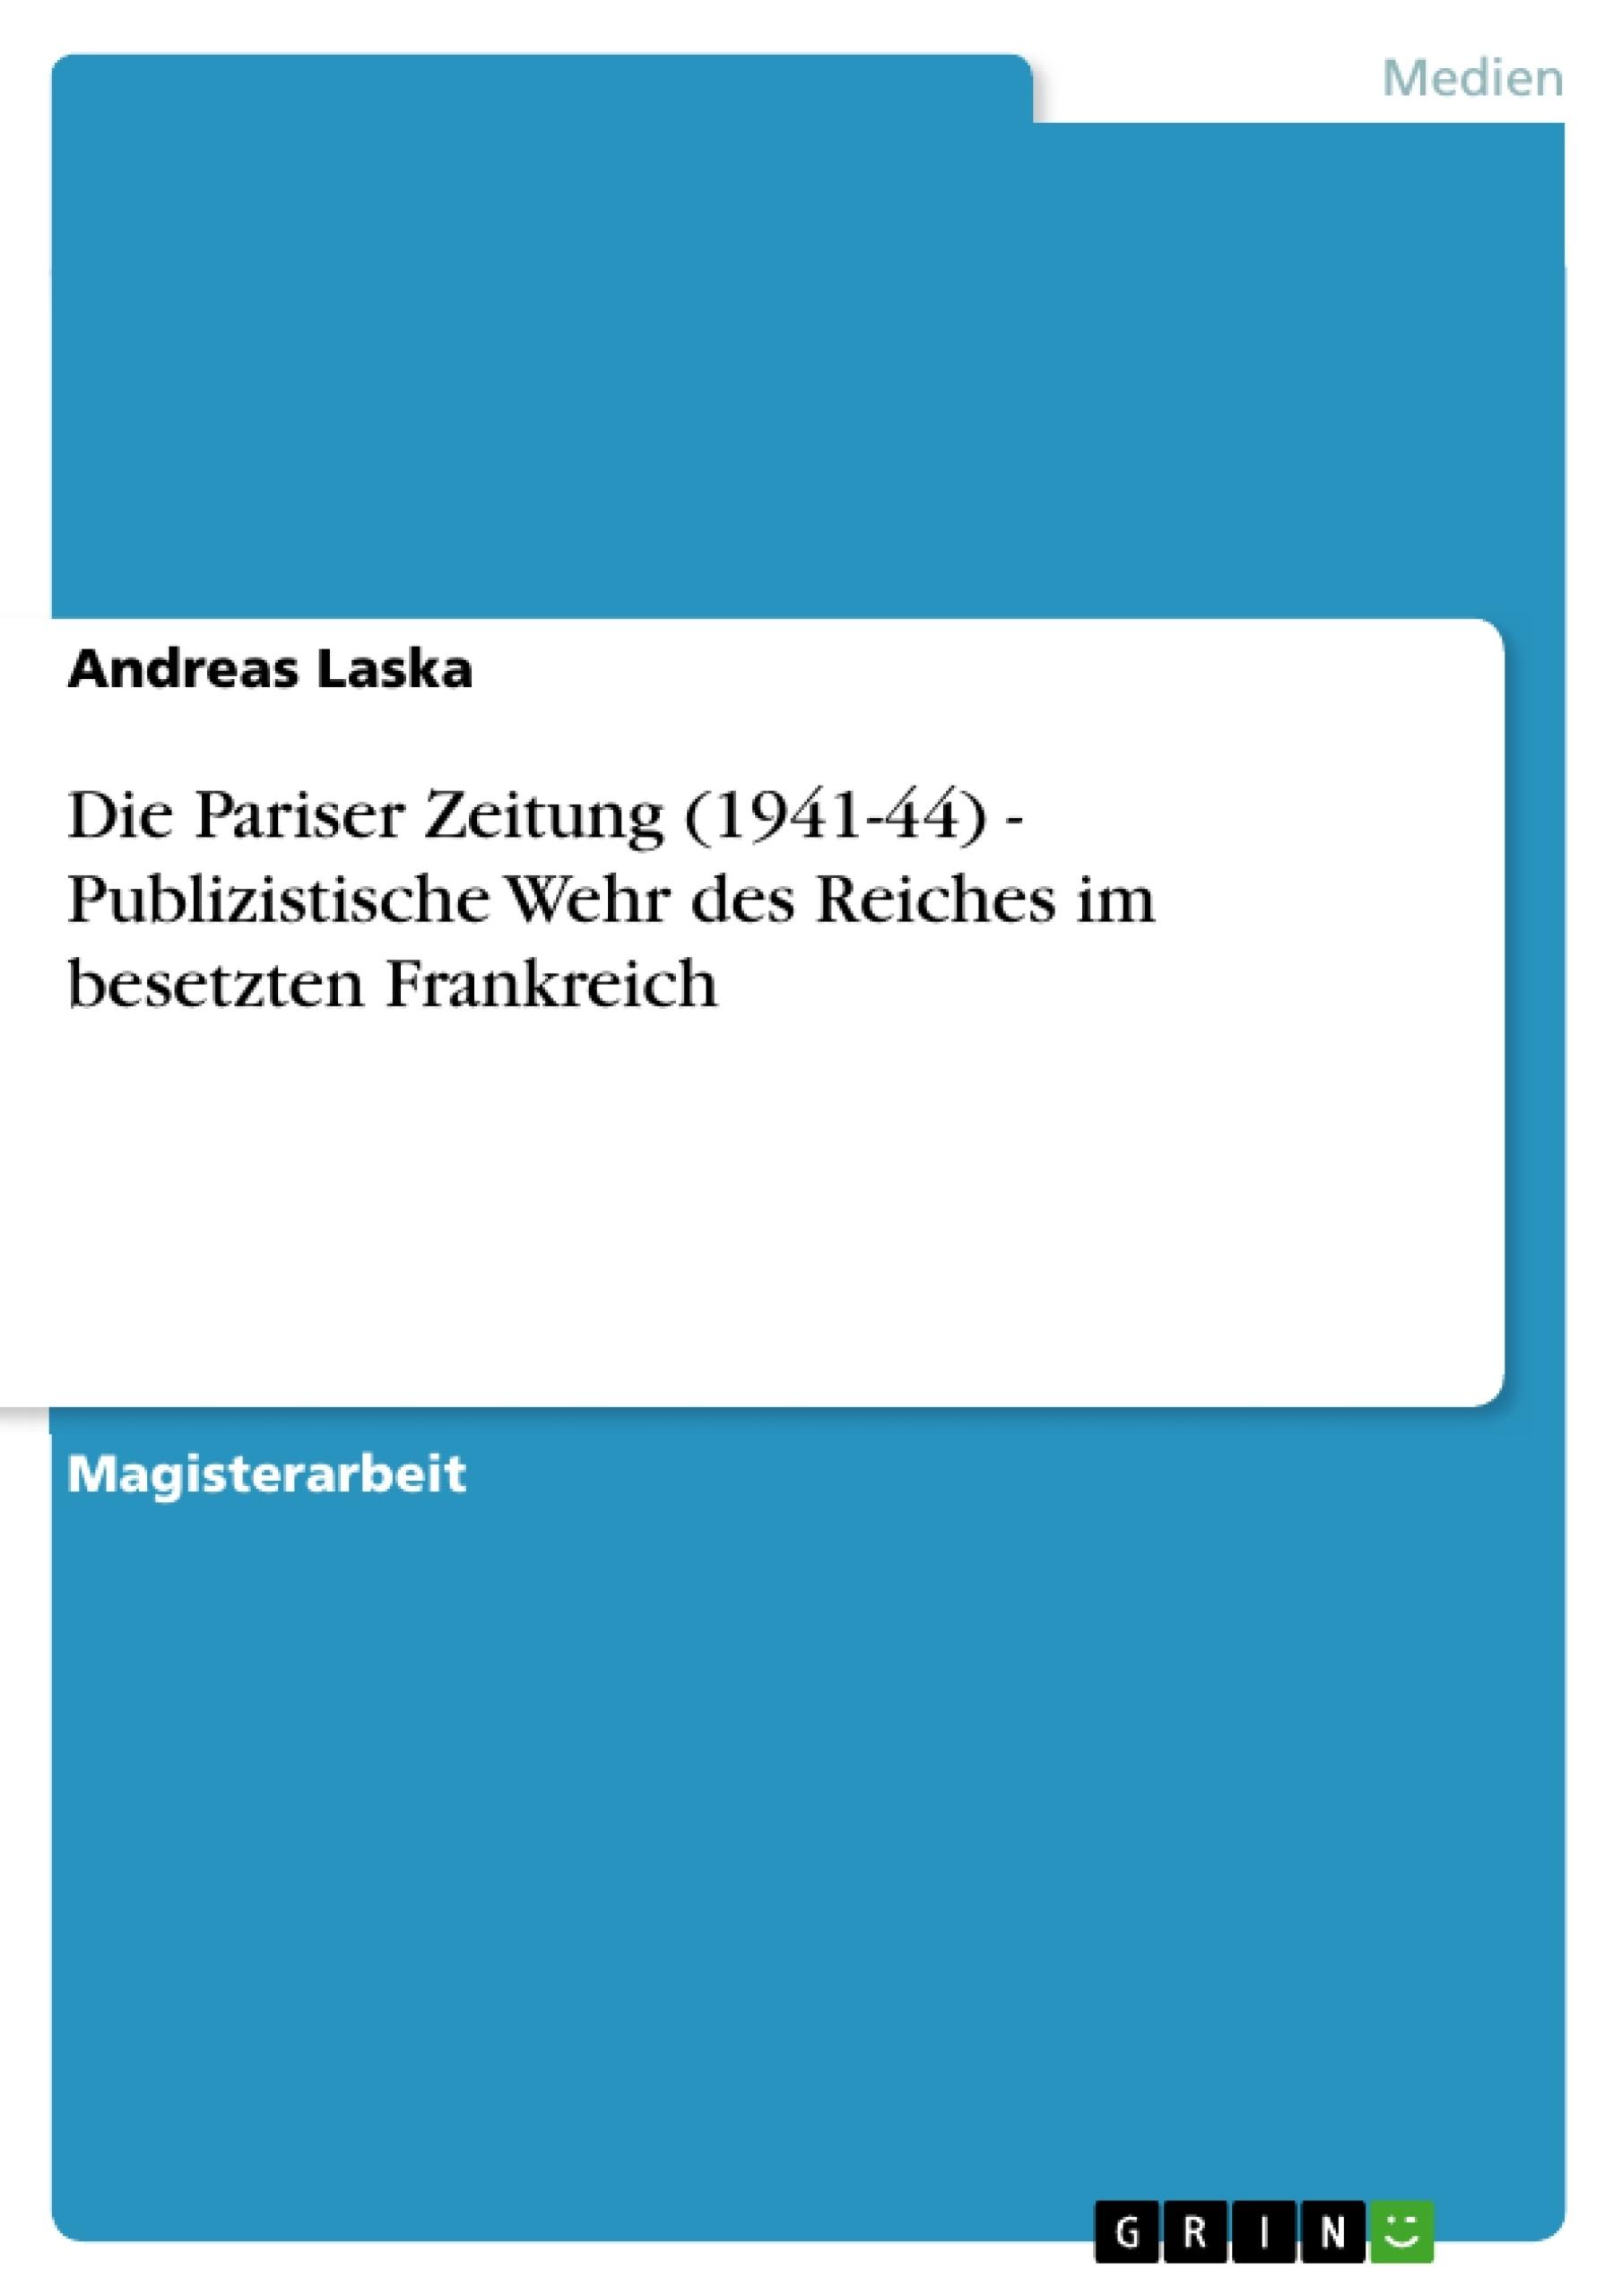 Titel: Die Pariser Zeitung (1941-44) - Publizistische Wehr des Reiches  im besetzten Frankreich